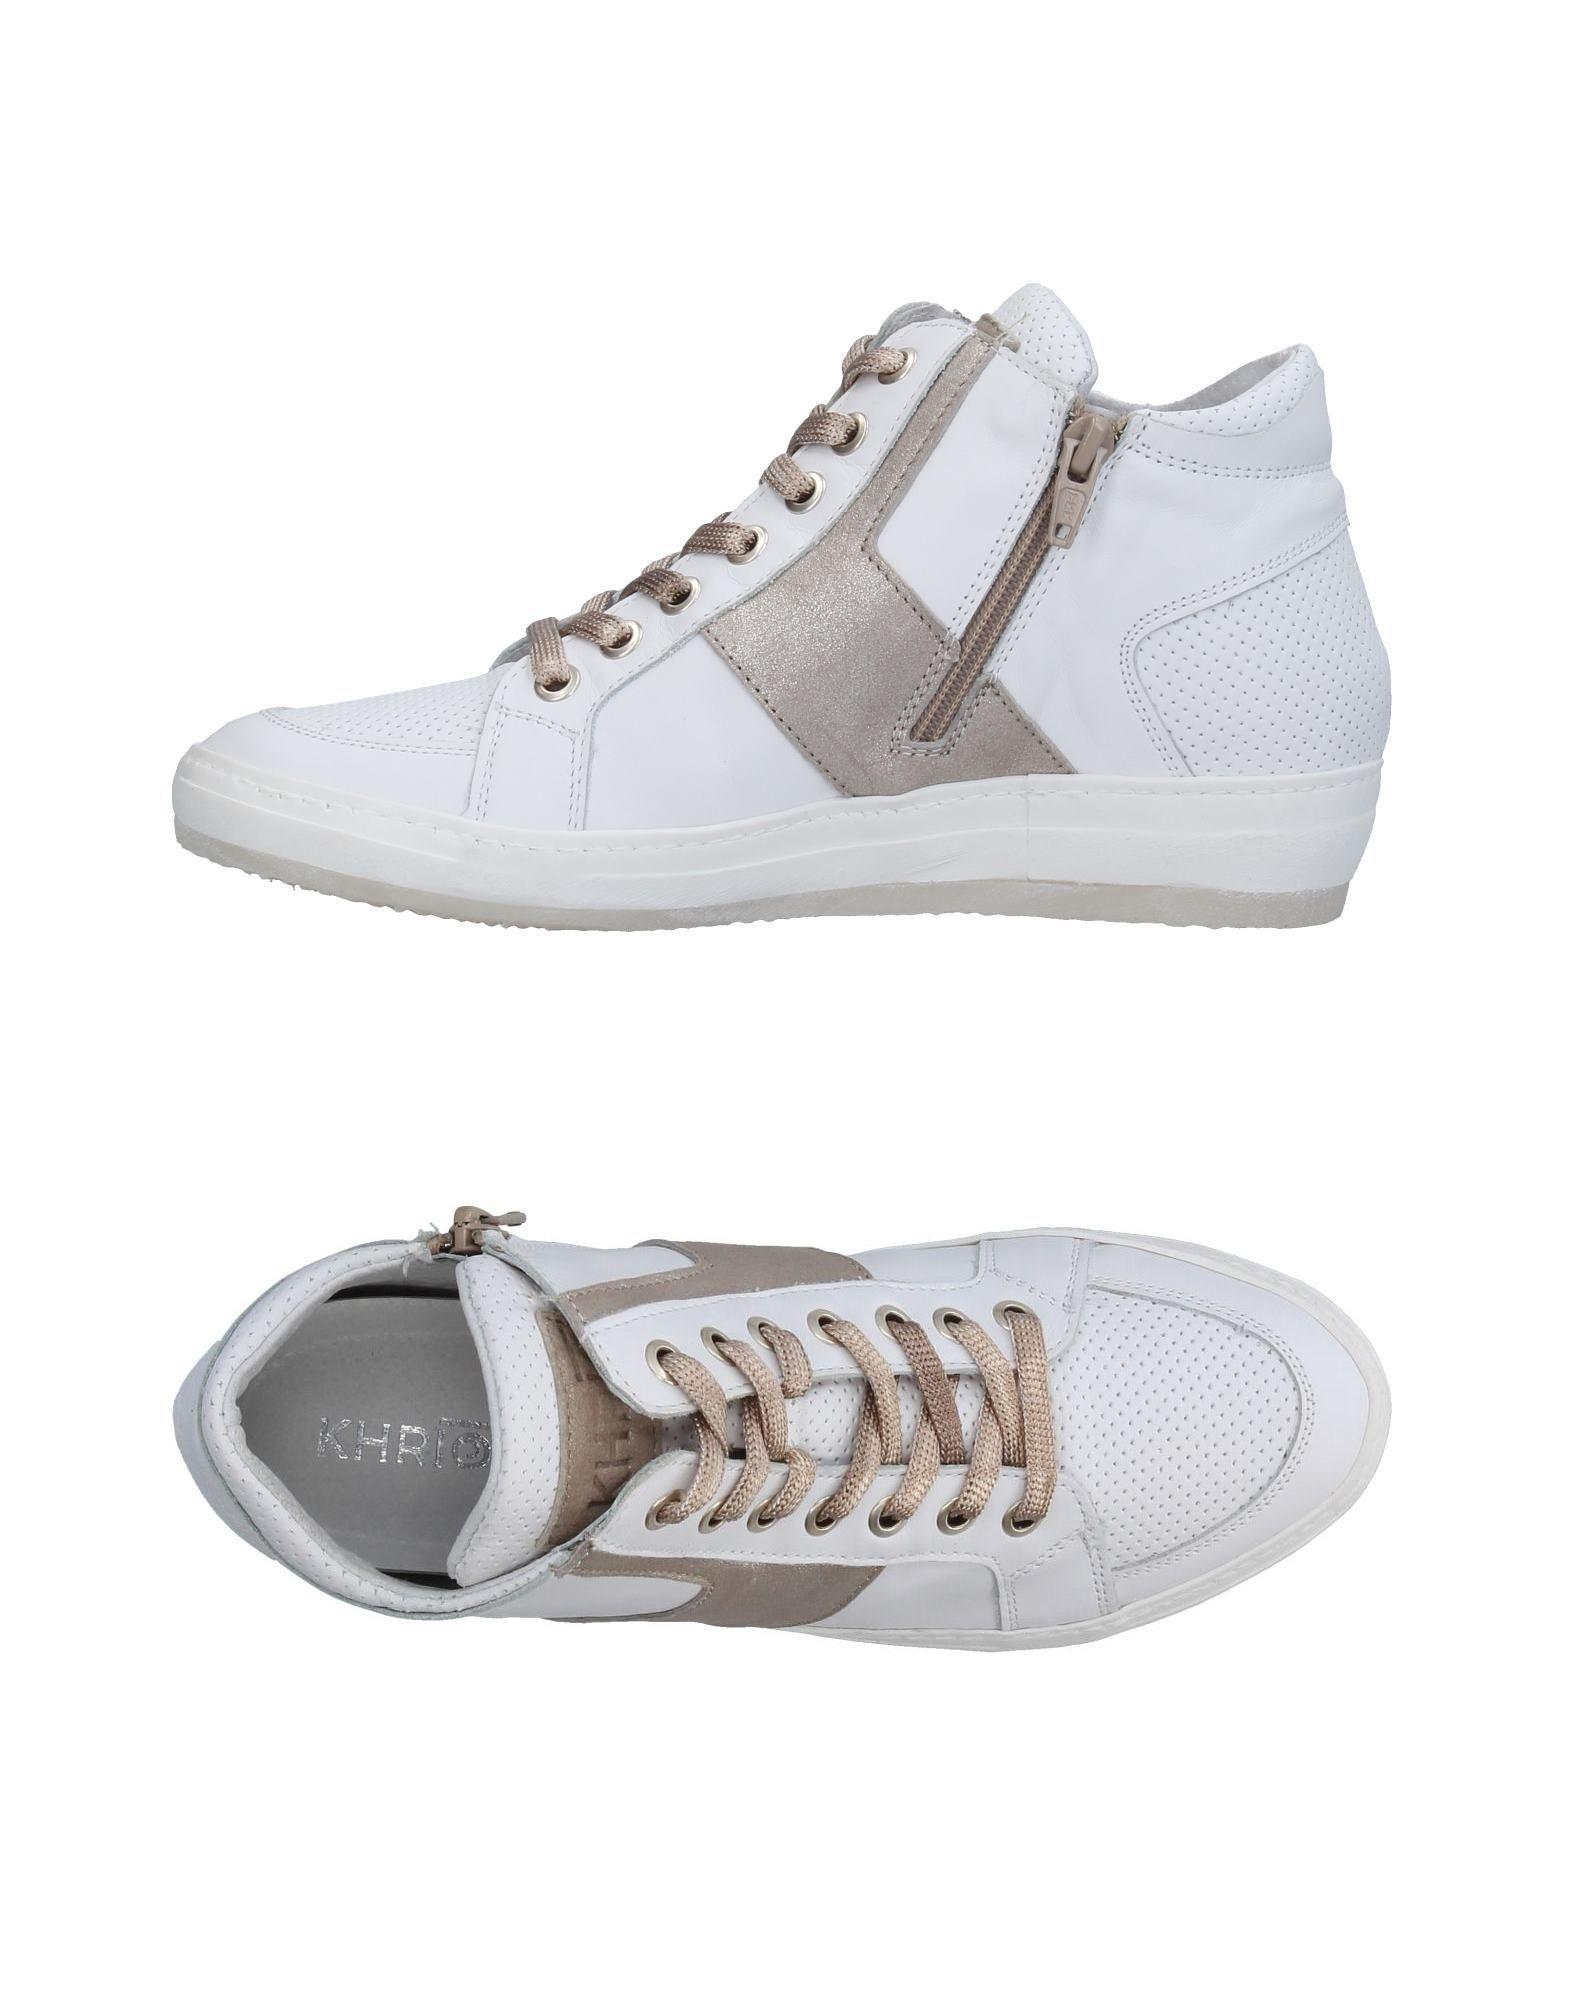 KHRIO' Высокие кеды и кроссовки pierre hardy высокие кеды и кроссовки